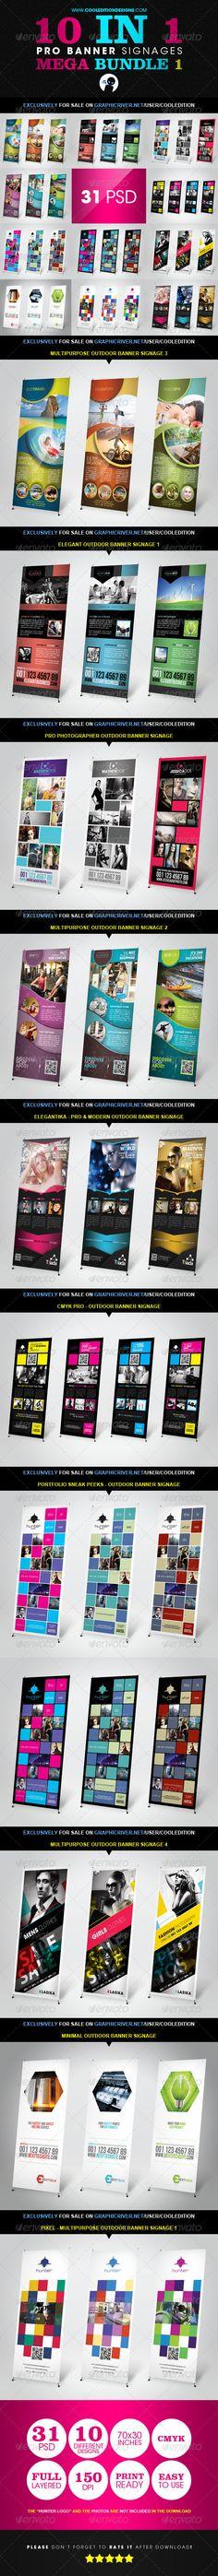 10 In 1 Pro Banner Signages Mega Bundle 1 | $25